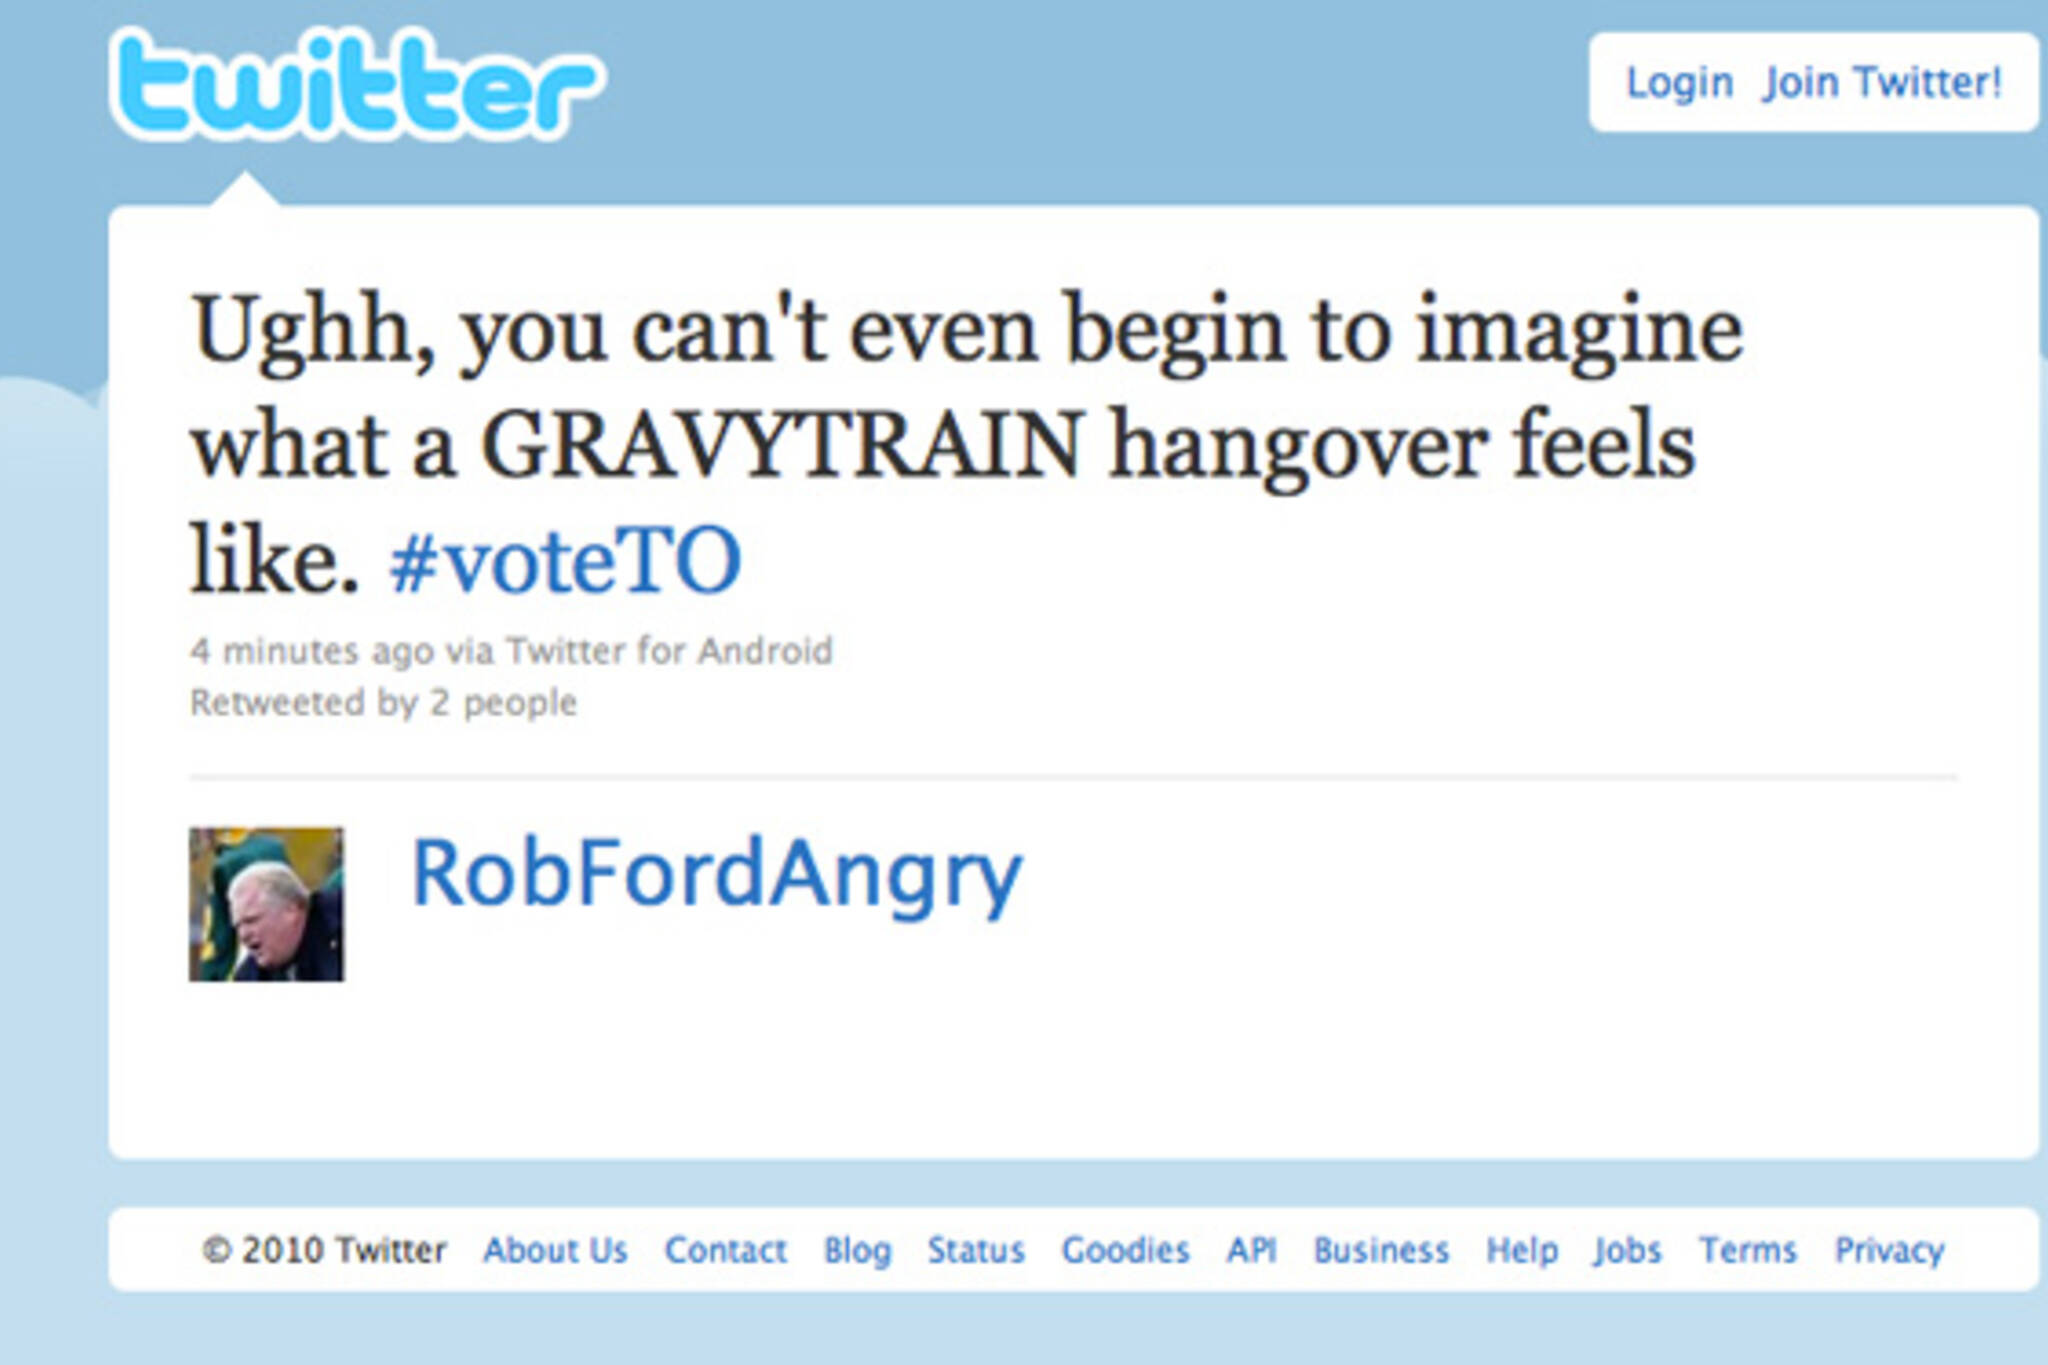 Twitter Rob Ford #voteTO